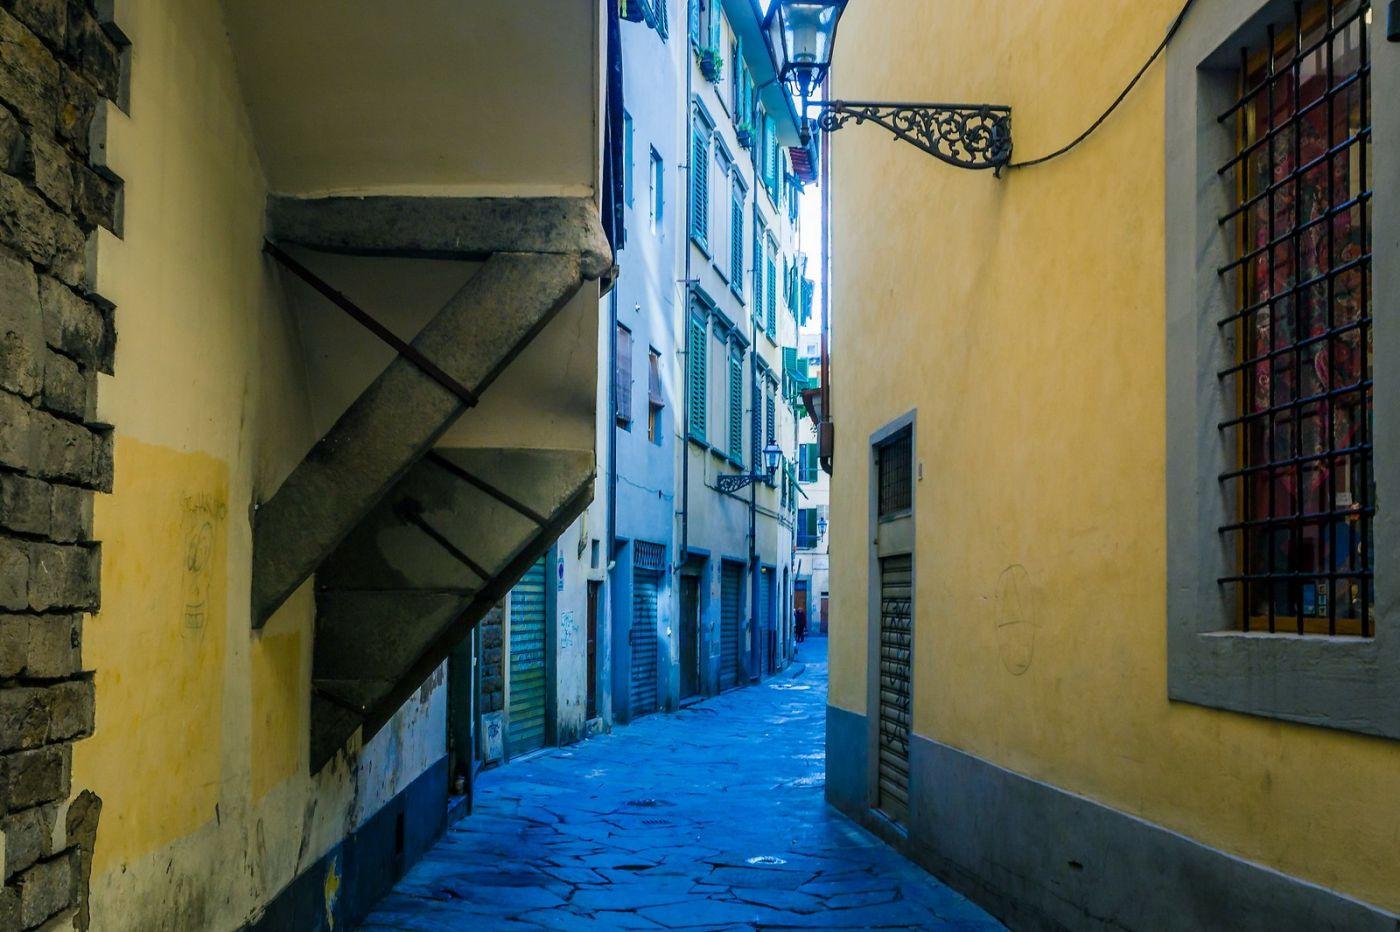 意大利佛罗伦萨(Florence),小街文化_图1-7